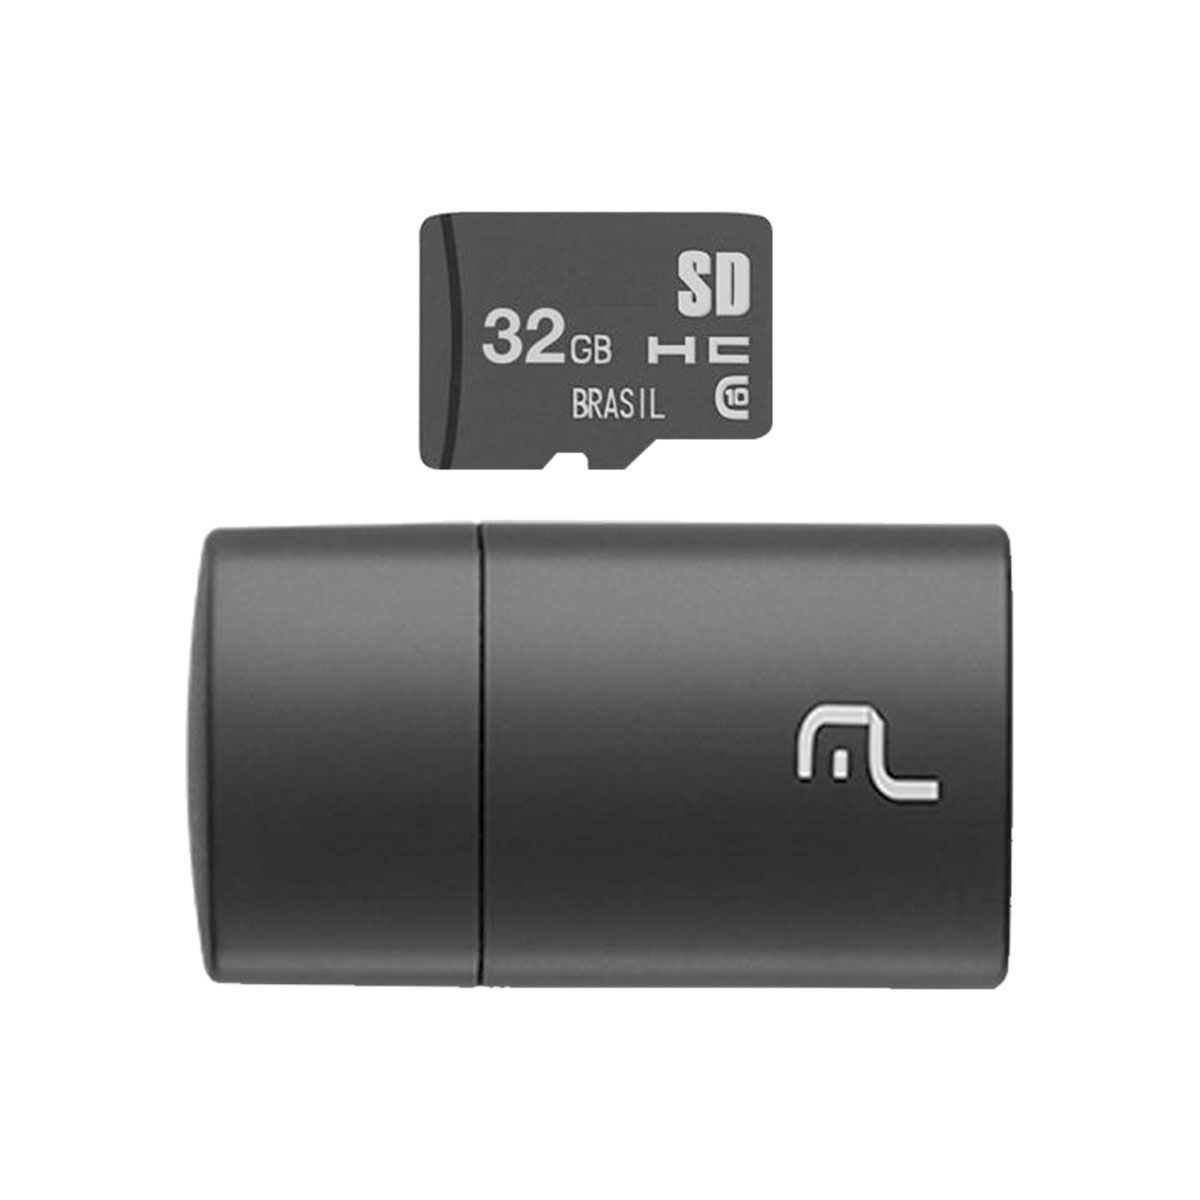 CARTÃO MICRO SD 32GB COM LEITOR USB CLASSE 4 MC163